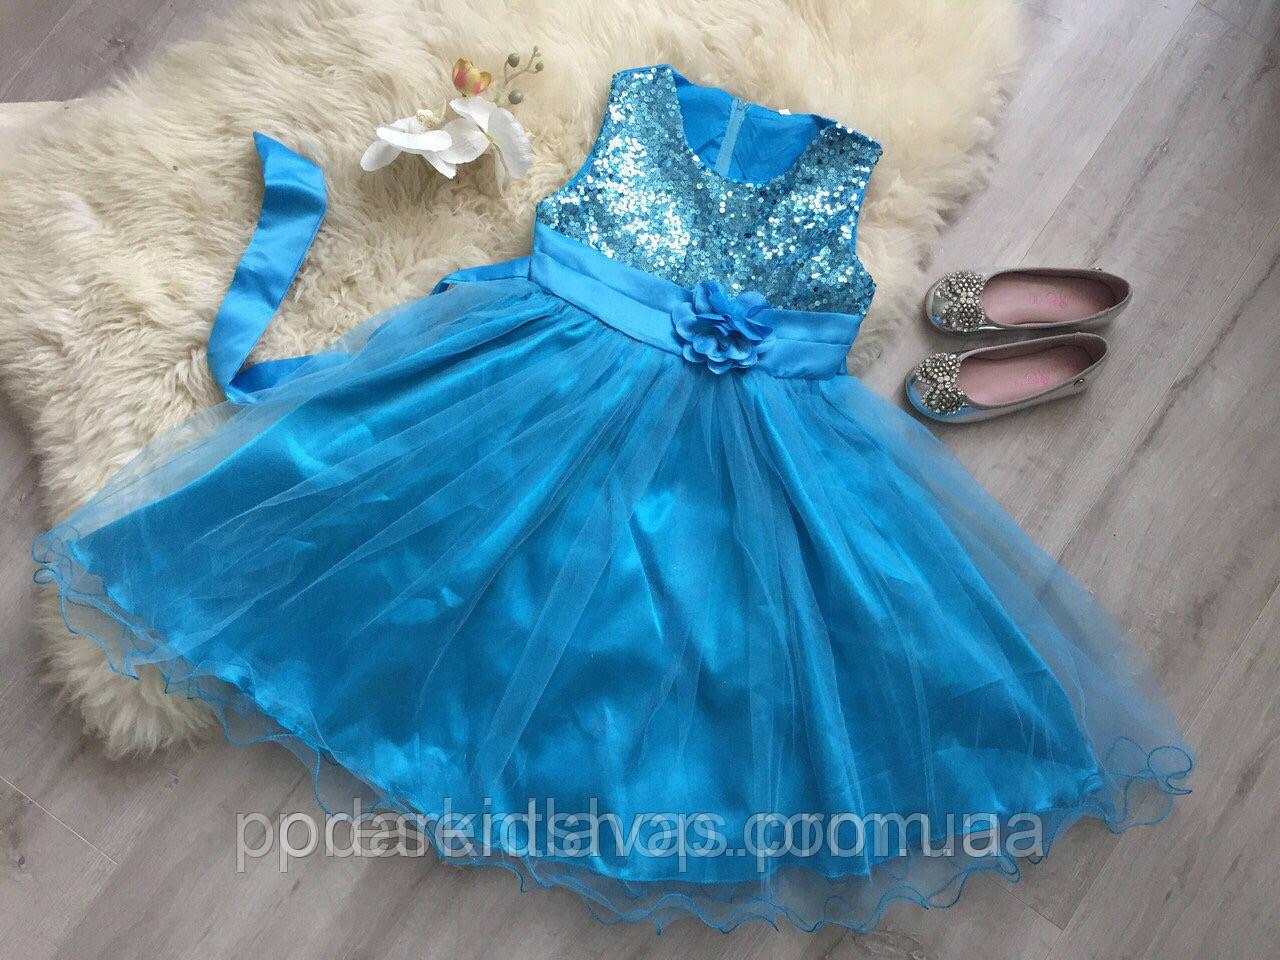 Платье бальное в пайетках и цветком на пояске 130